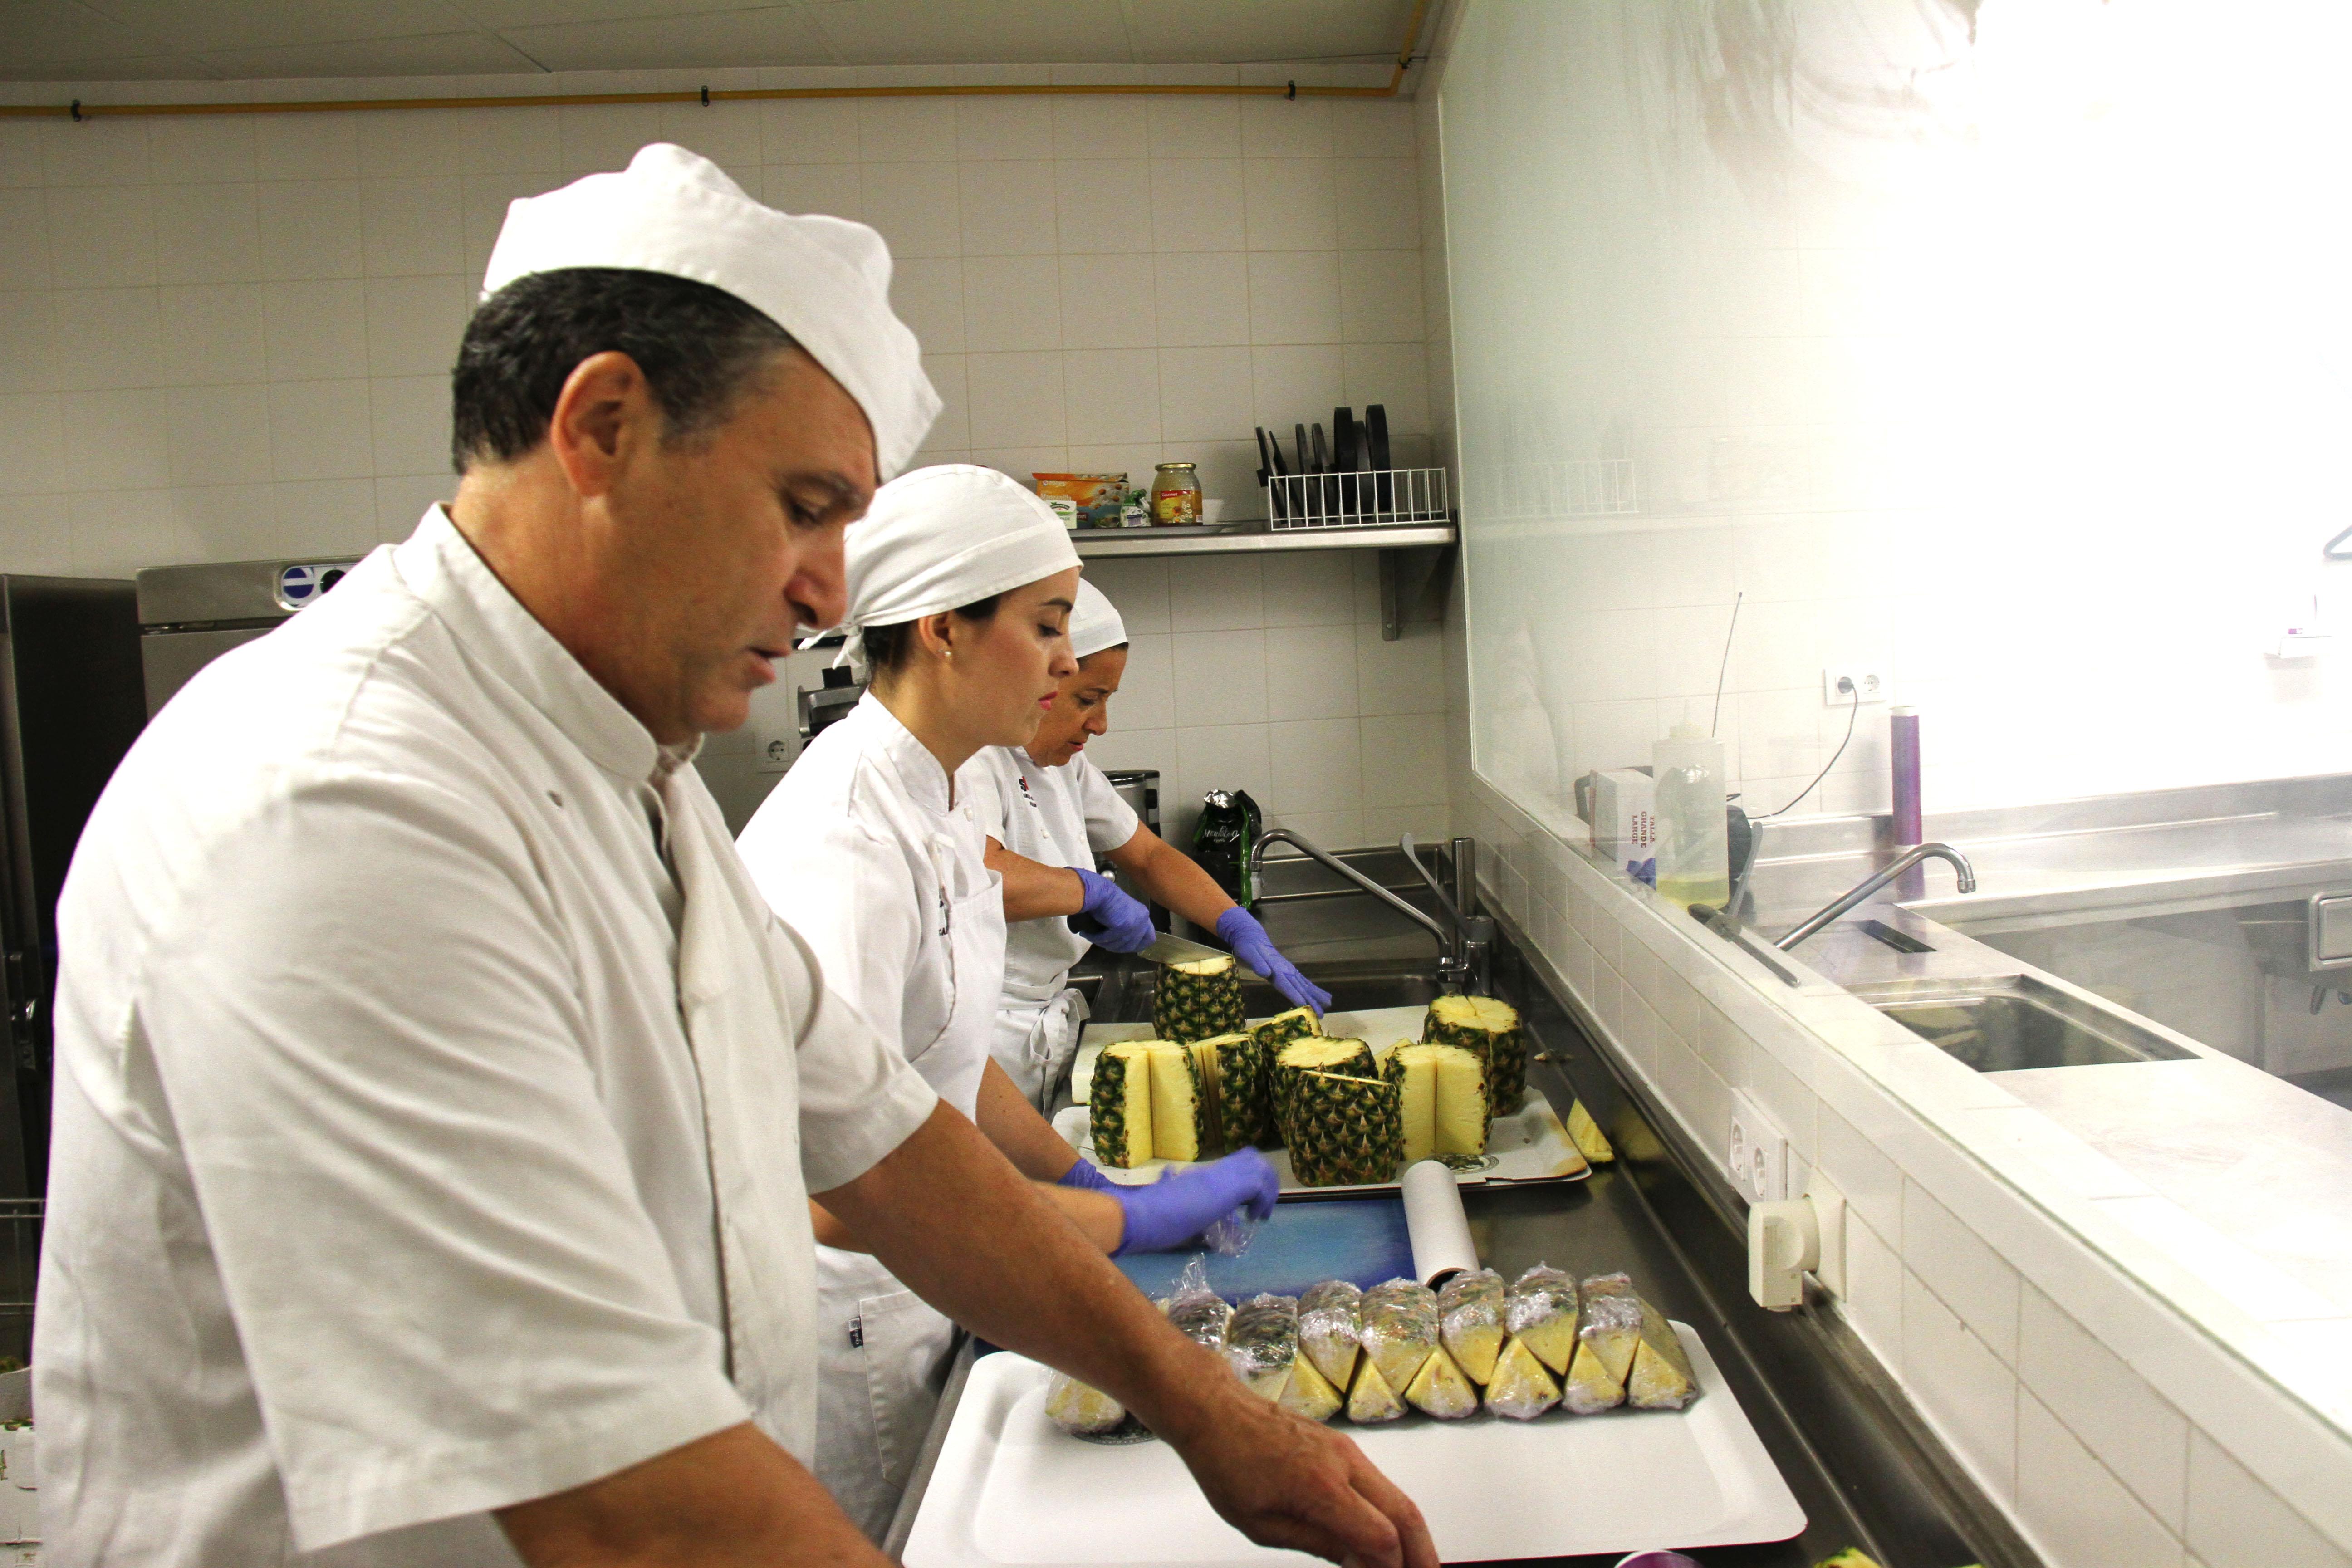 Nuevos menús aptos para celiacos en el Servicio de Comedores ...